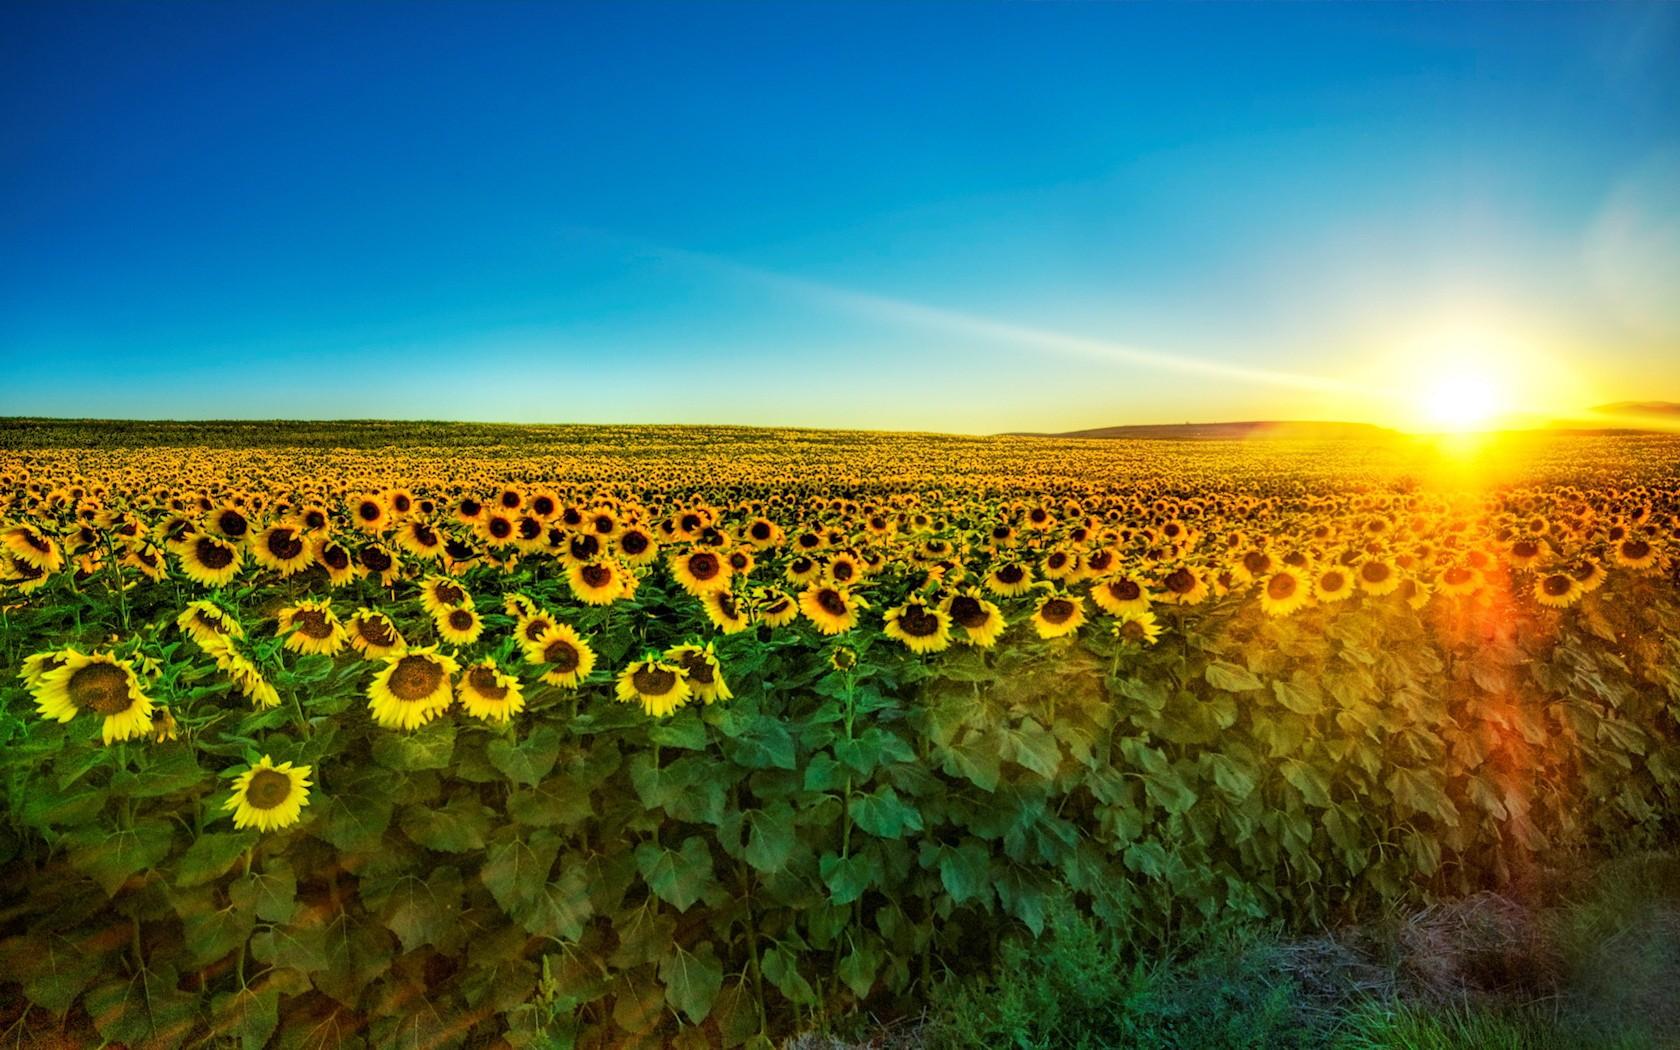 32330 免費下載壁紙 景观, 领域, 向日葵 屏保和圖片